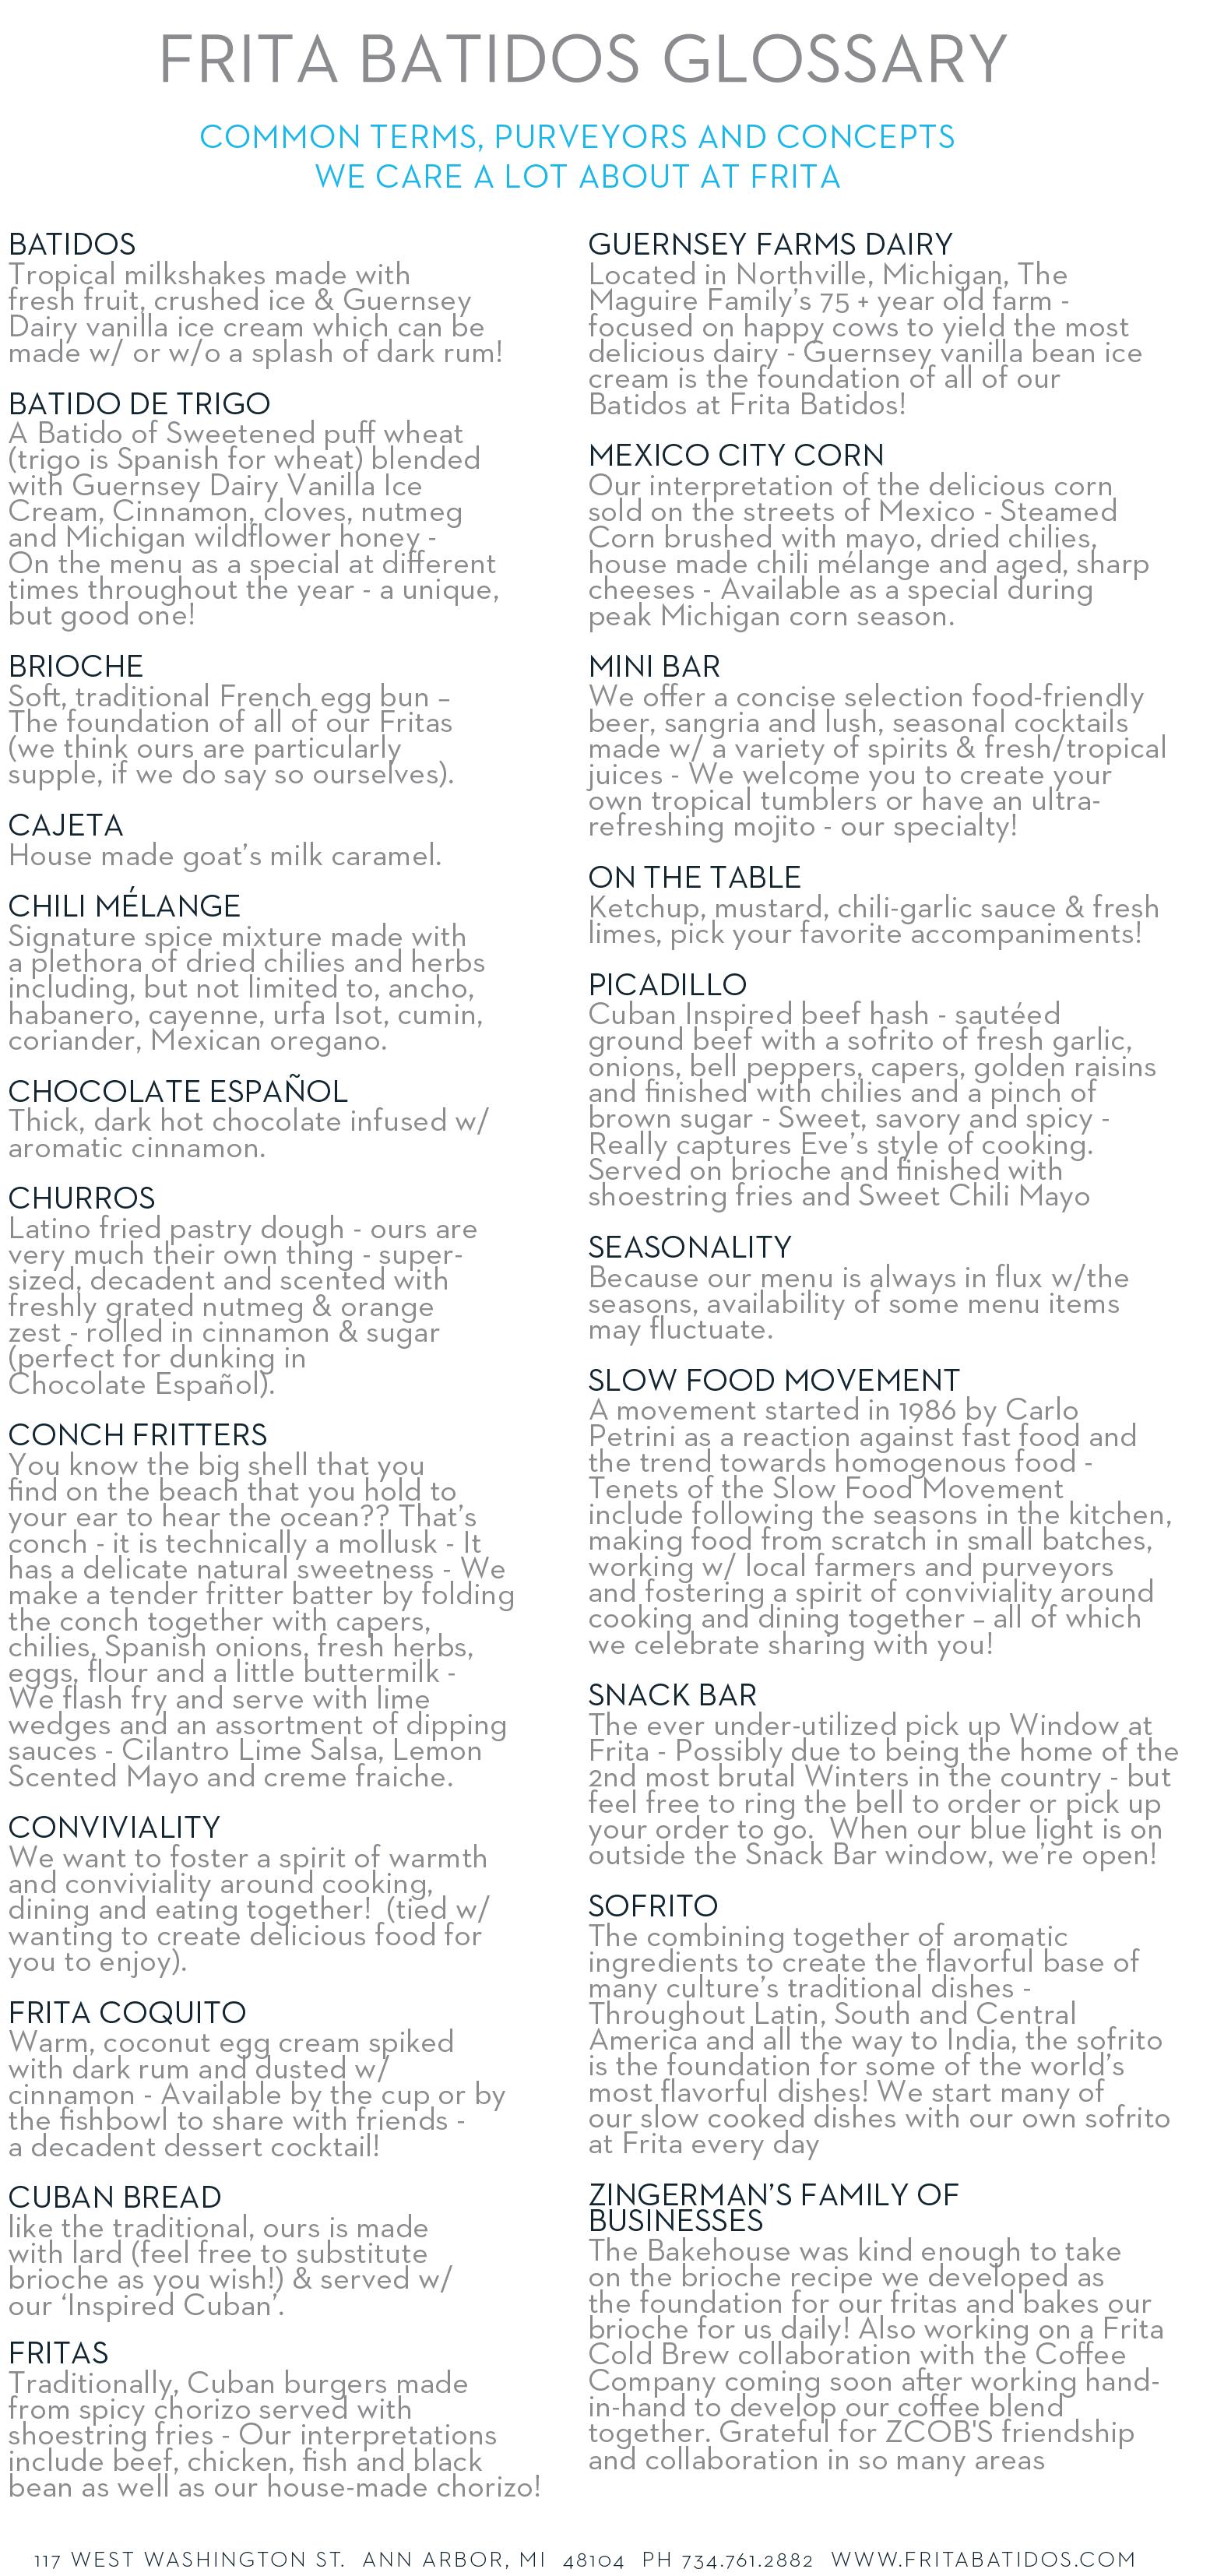 Frita Menu Guide 2